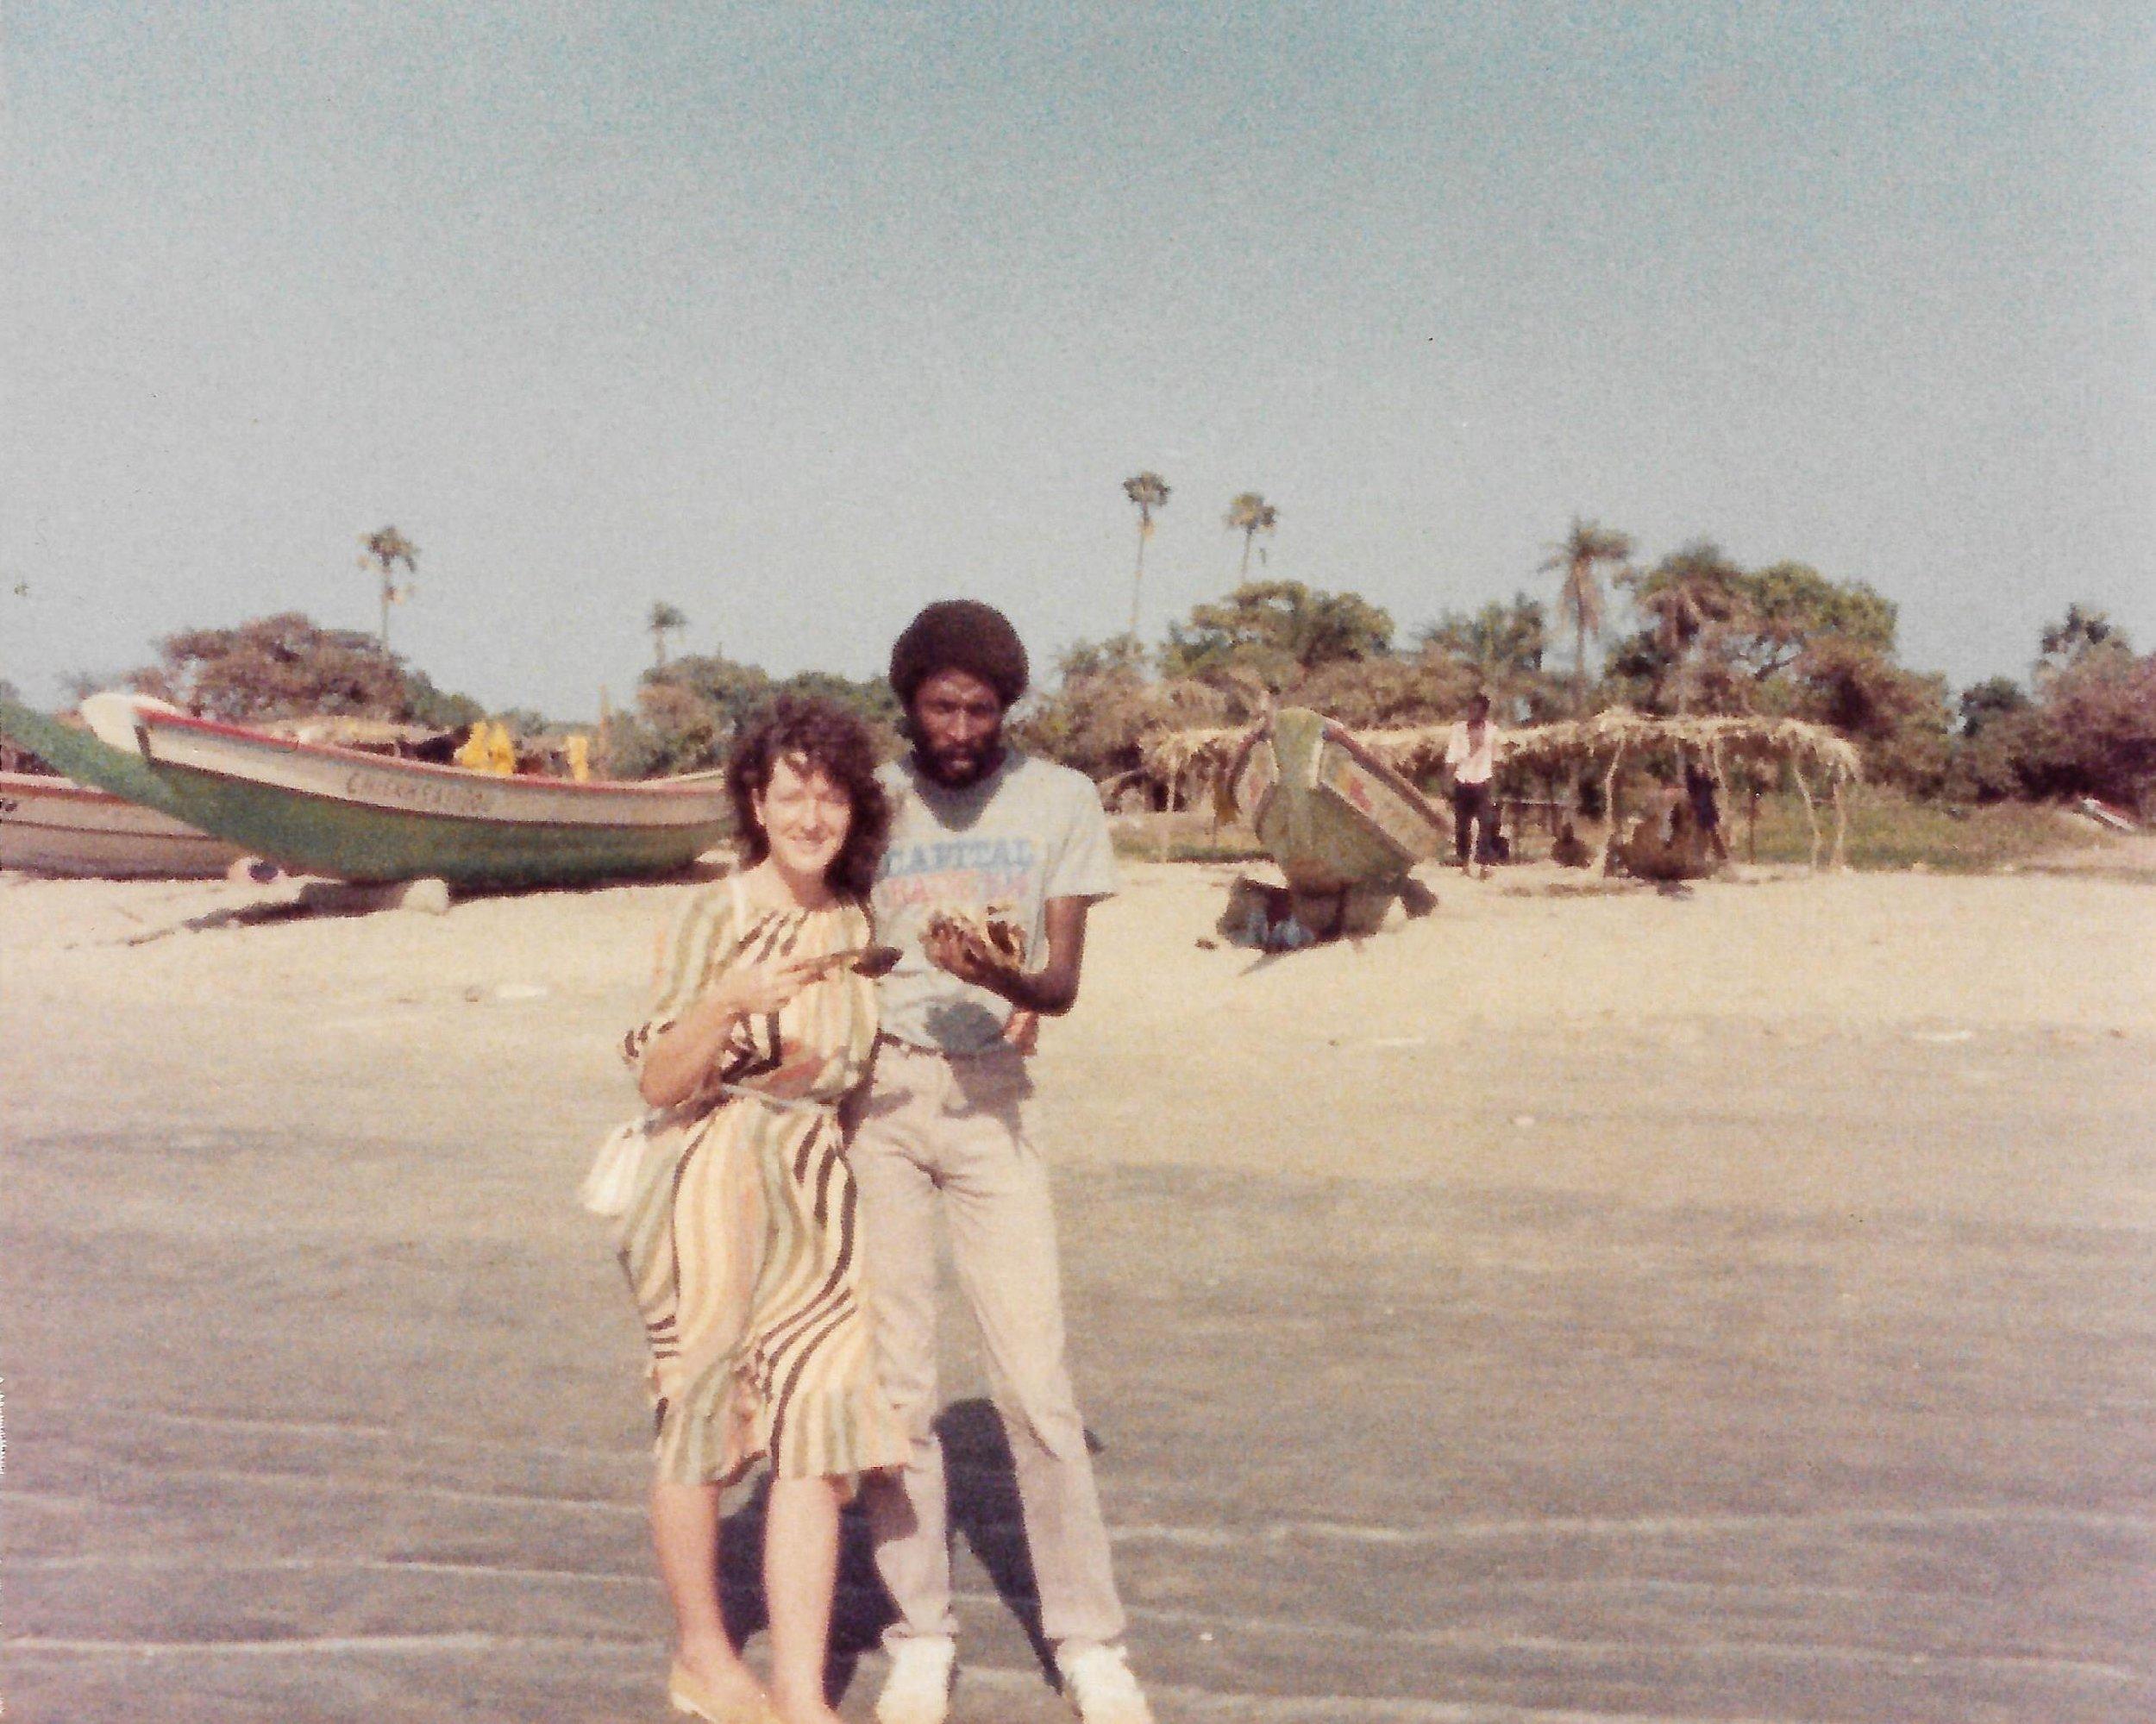 Jane and a friend in the Gambia.  Credit: Jane MacKenzie.